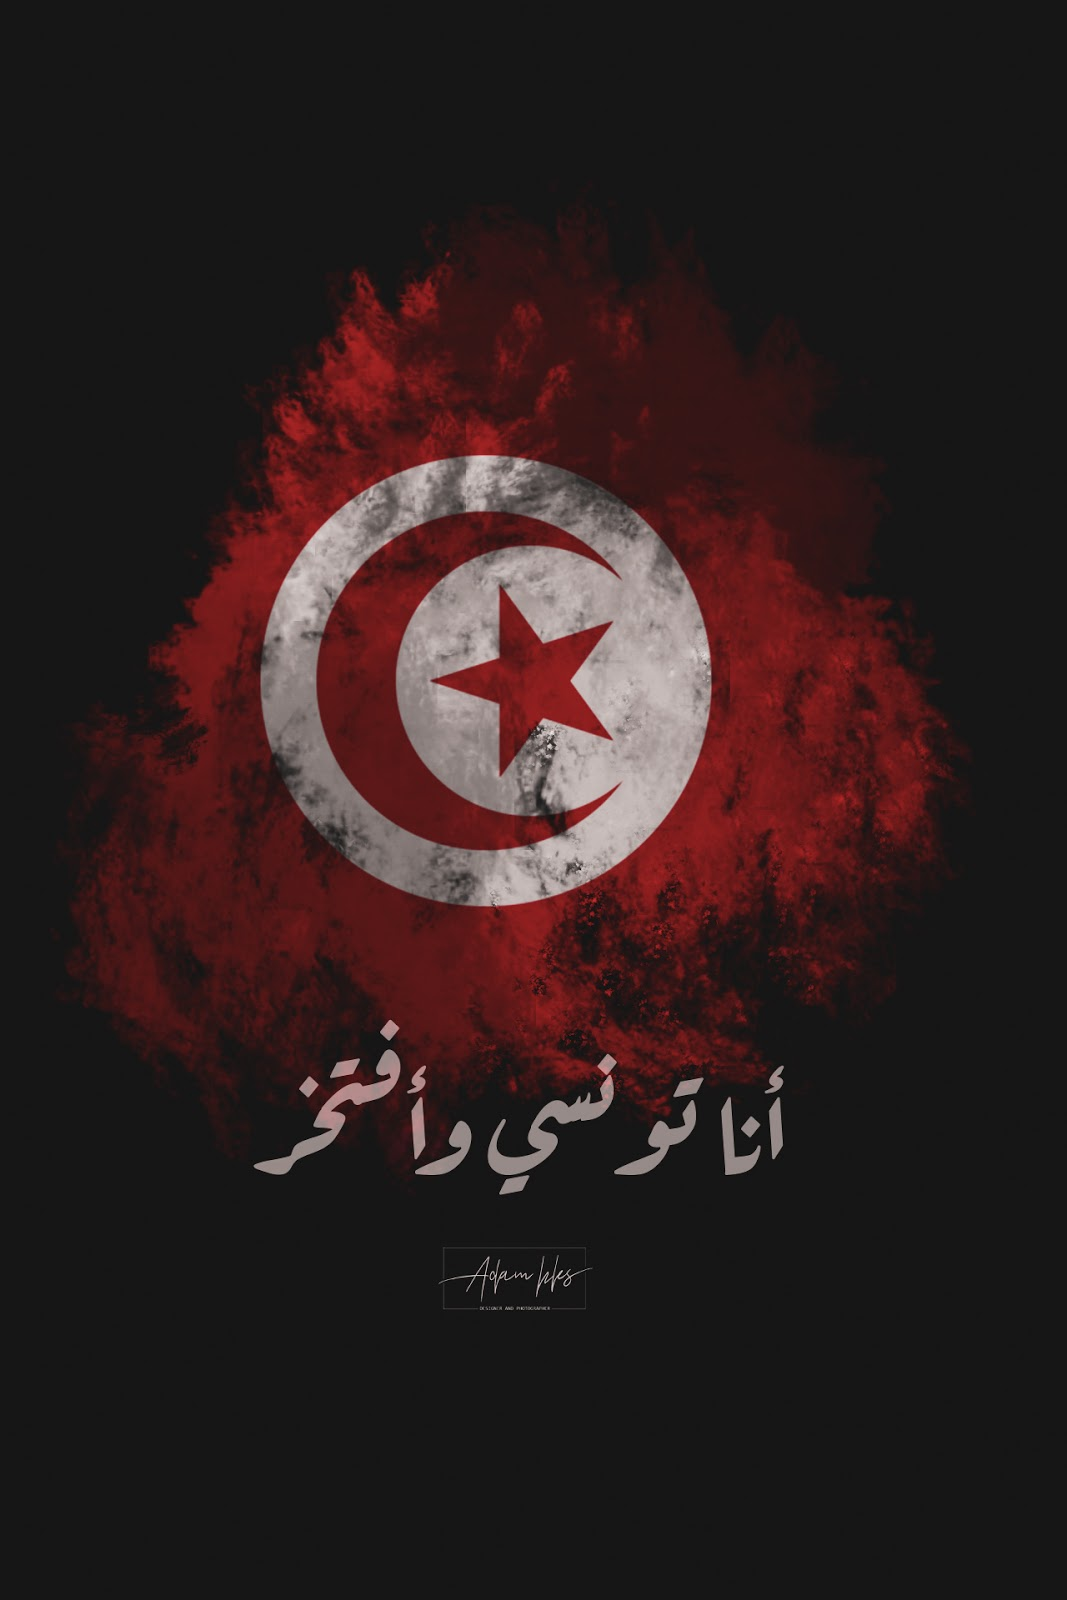 أنا تونسي وأفتخر